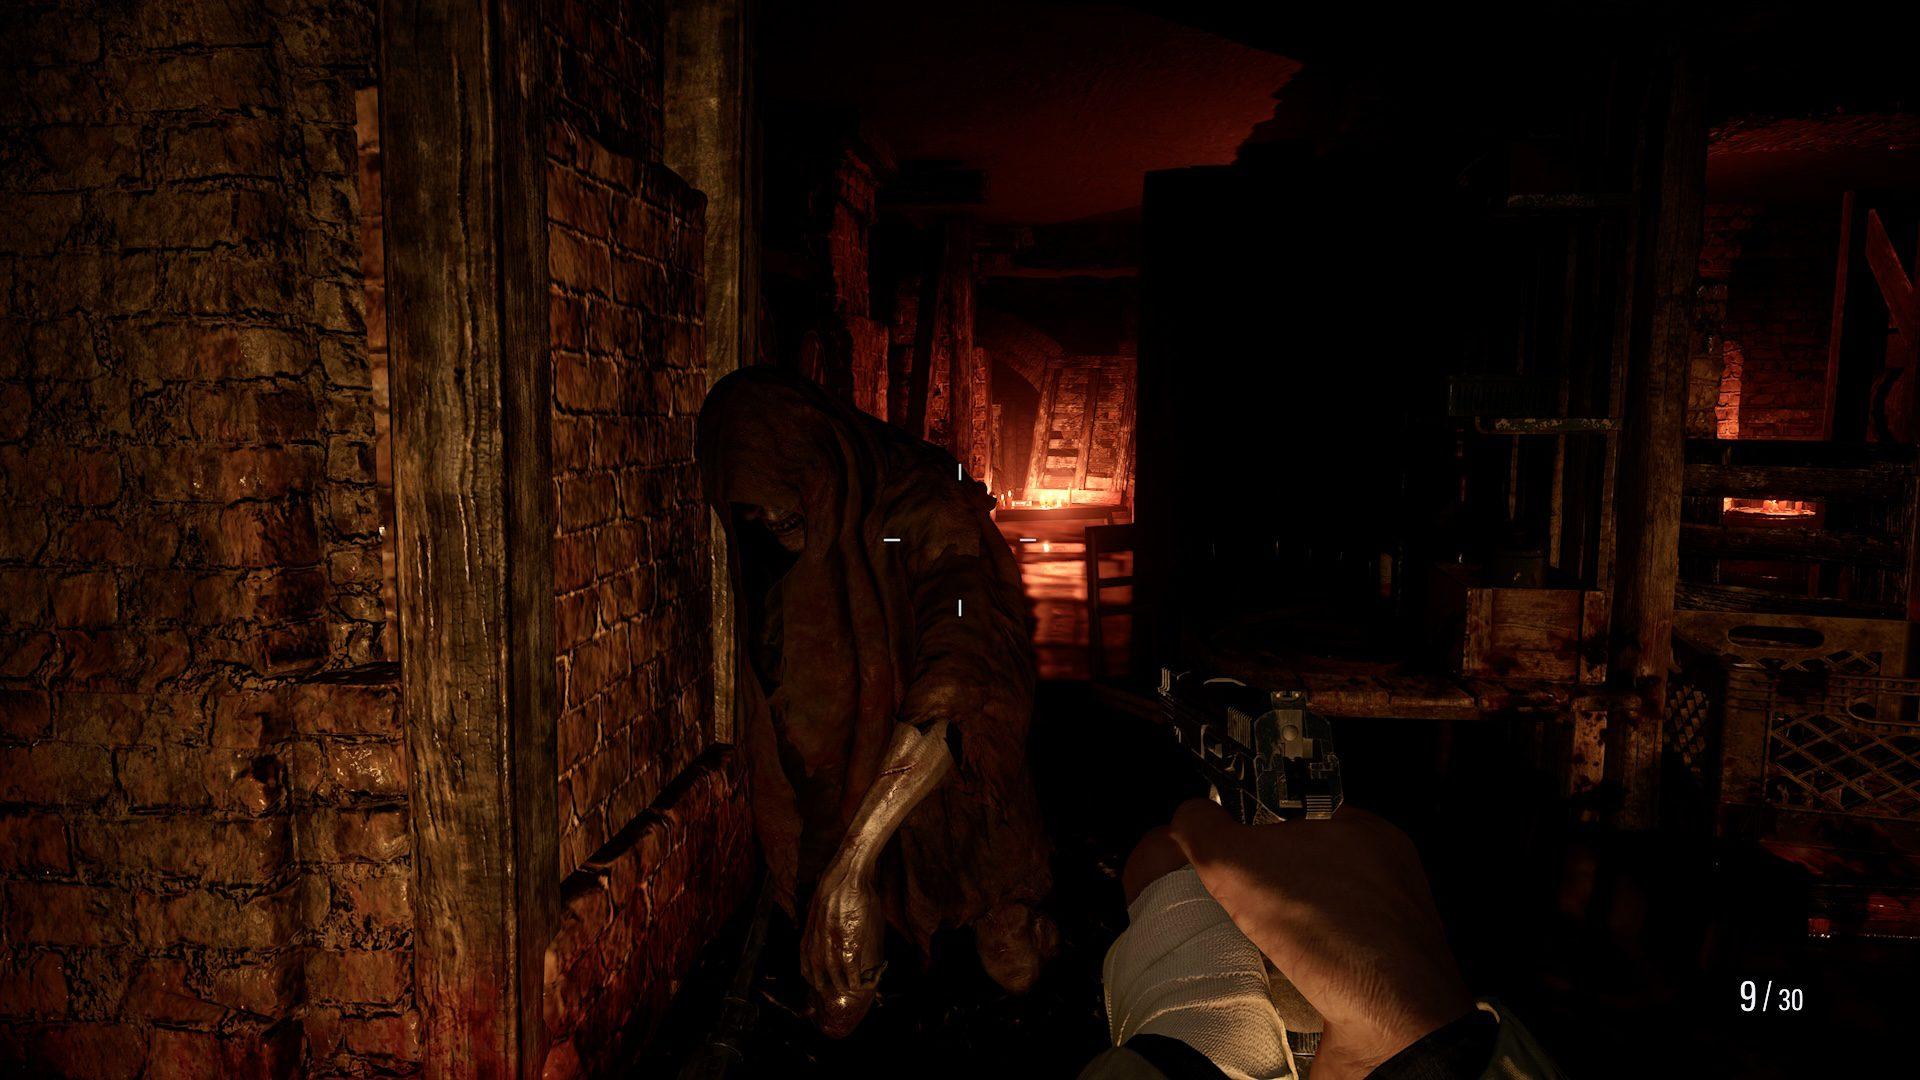 Análisis de Resident Evil Village - El terror, la intriga y por supuesto la acción alcanzan un nivel superior en Resident Evil Village. Os contamos todo en nuestro análisis.